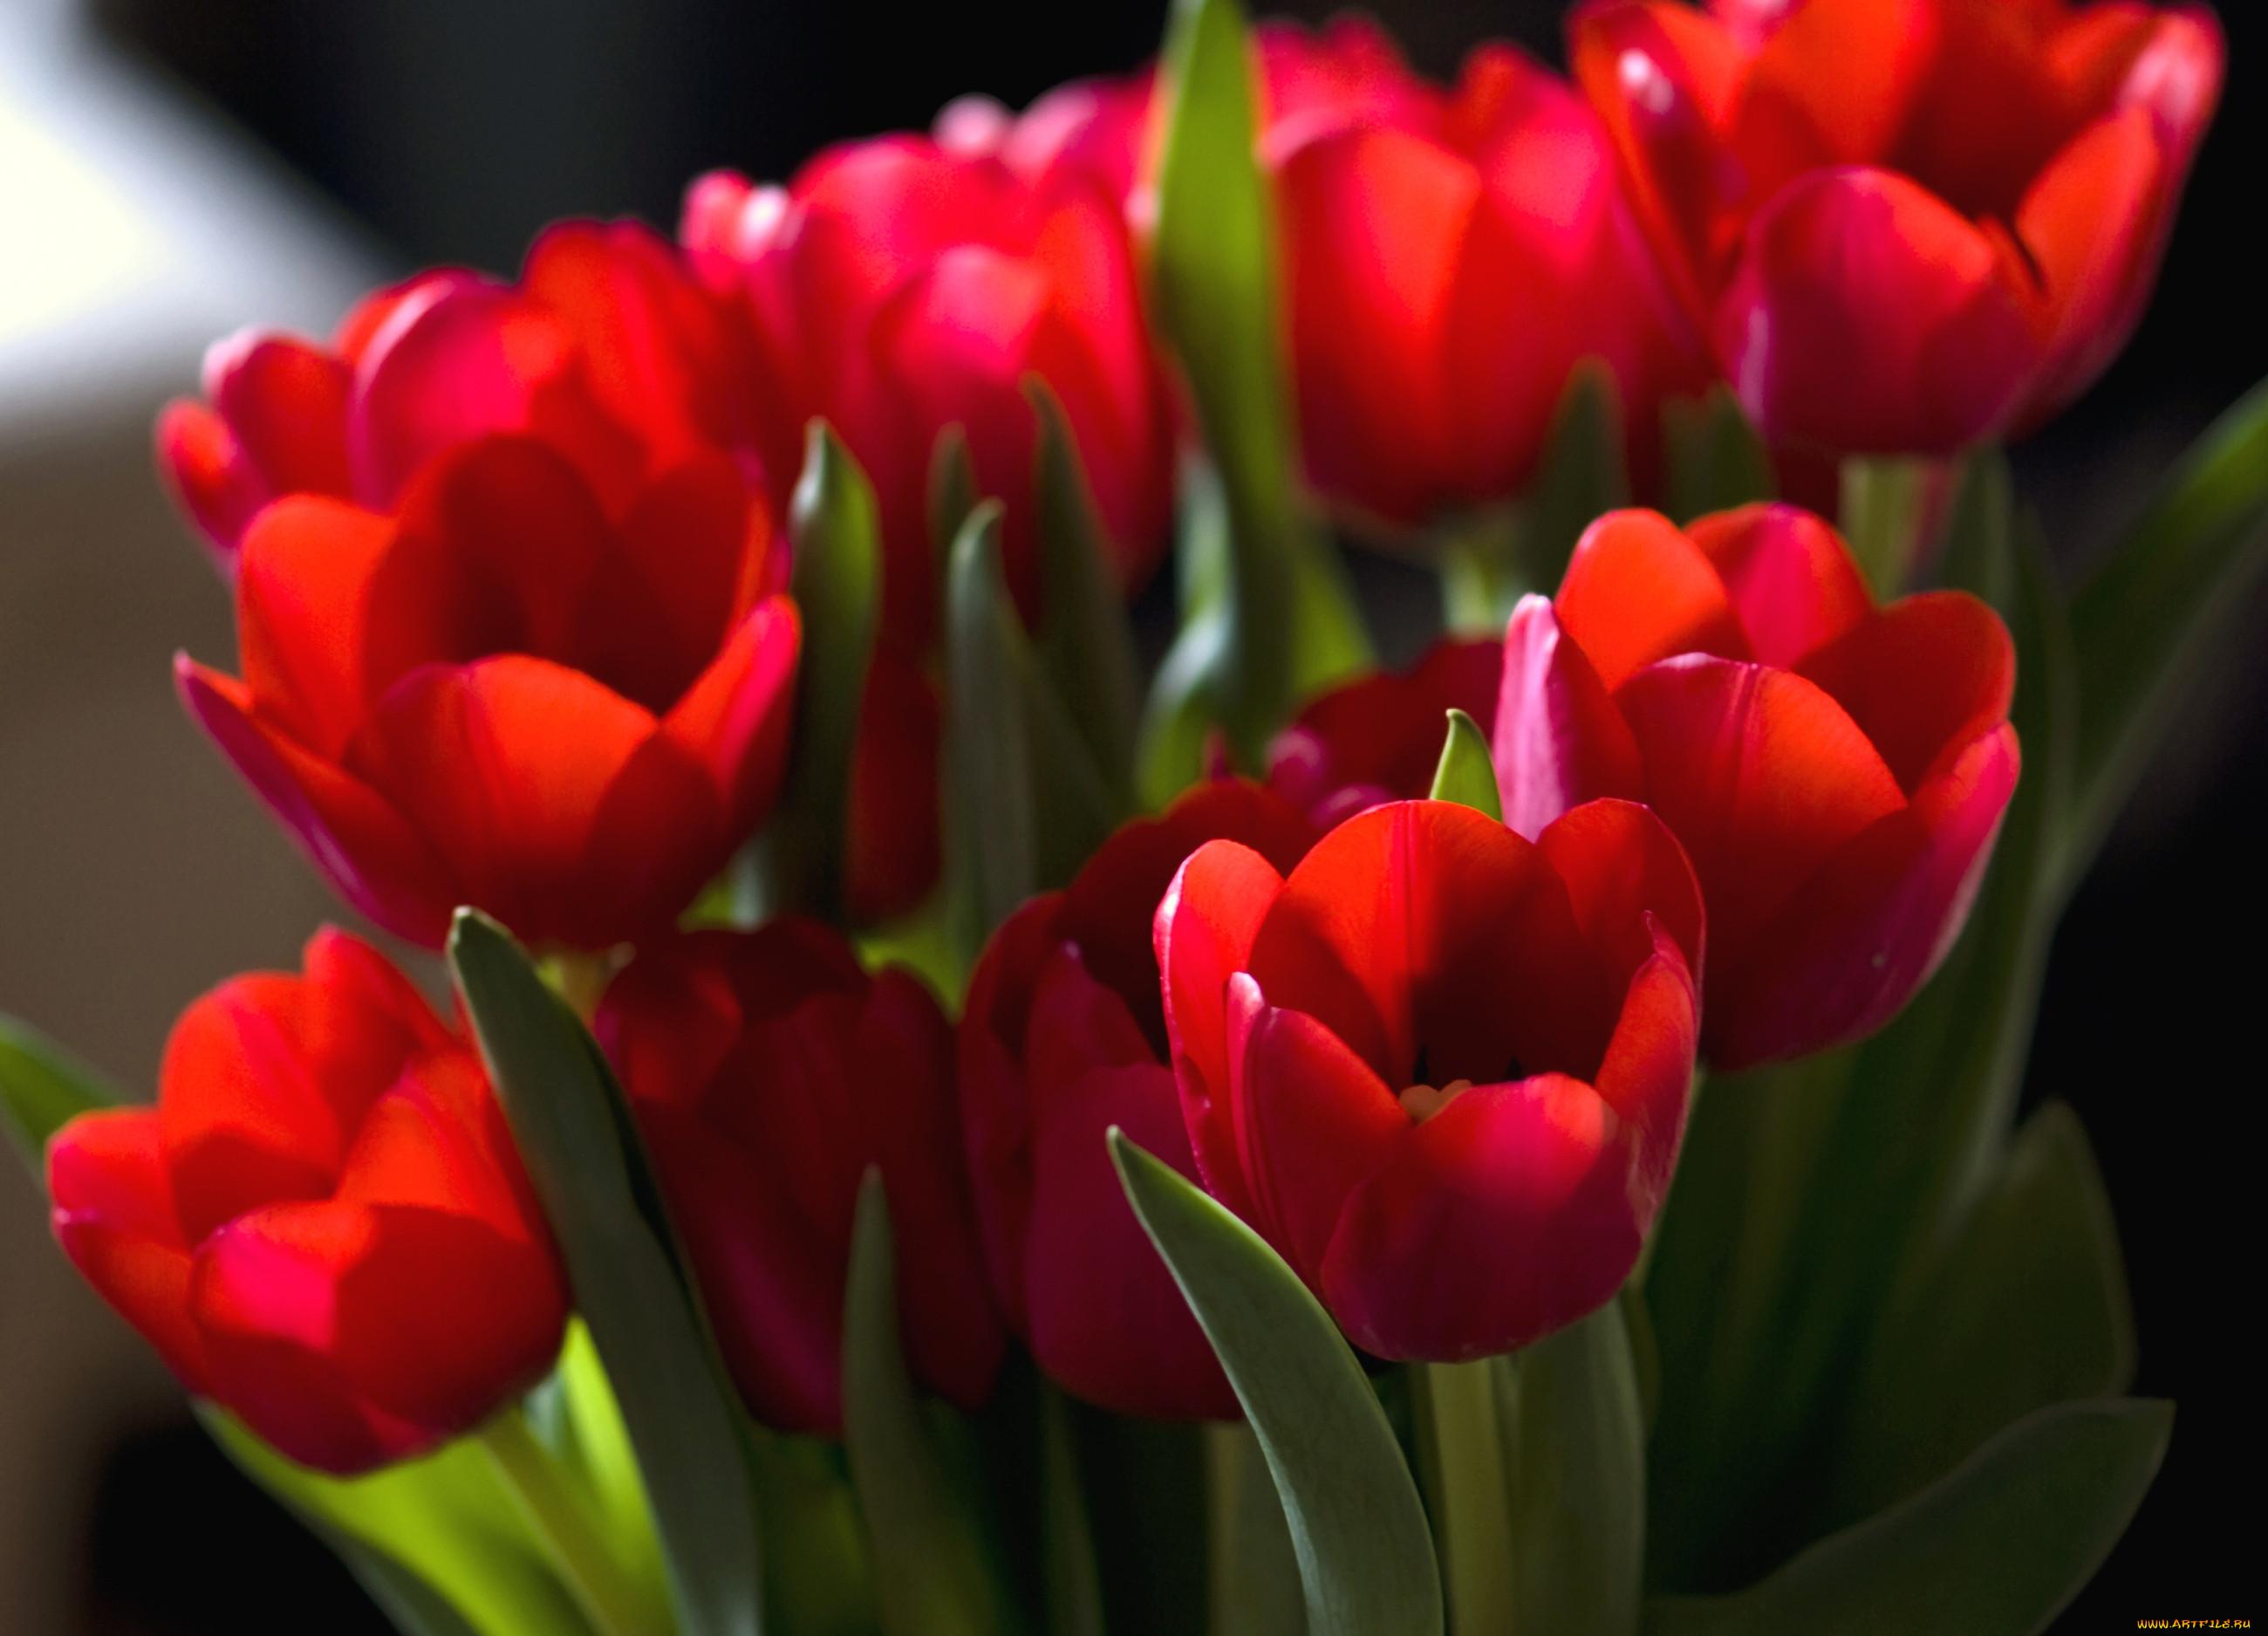 Тюльпаны : фото цветов, красивые сорта с названиями Домашняя ферма 500